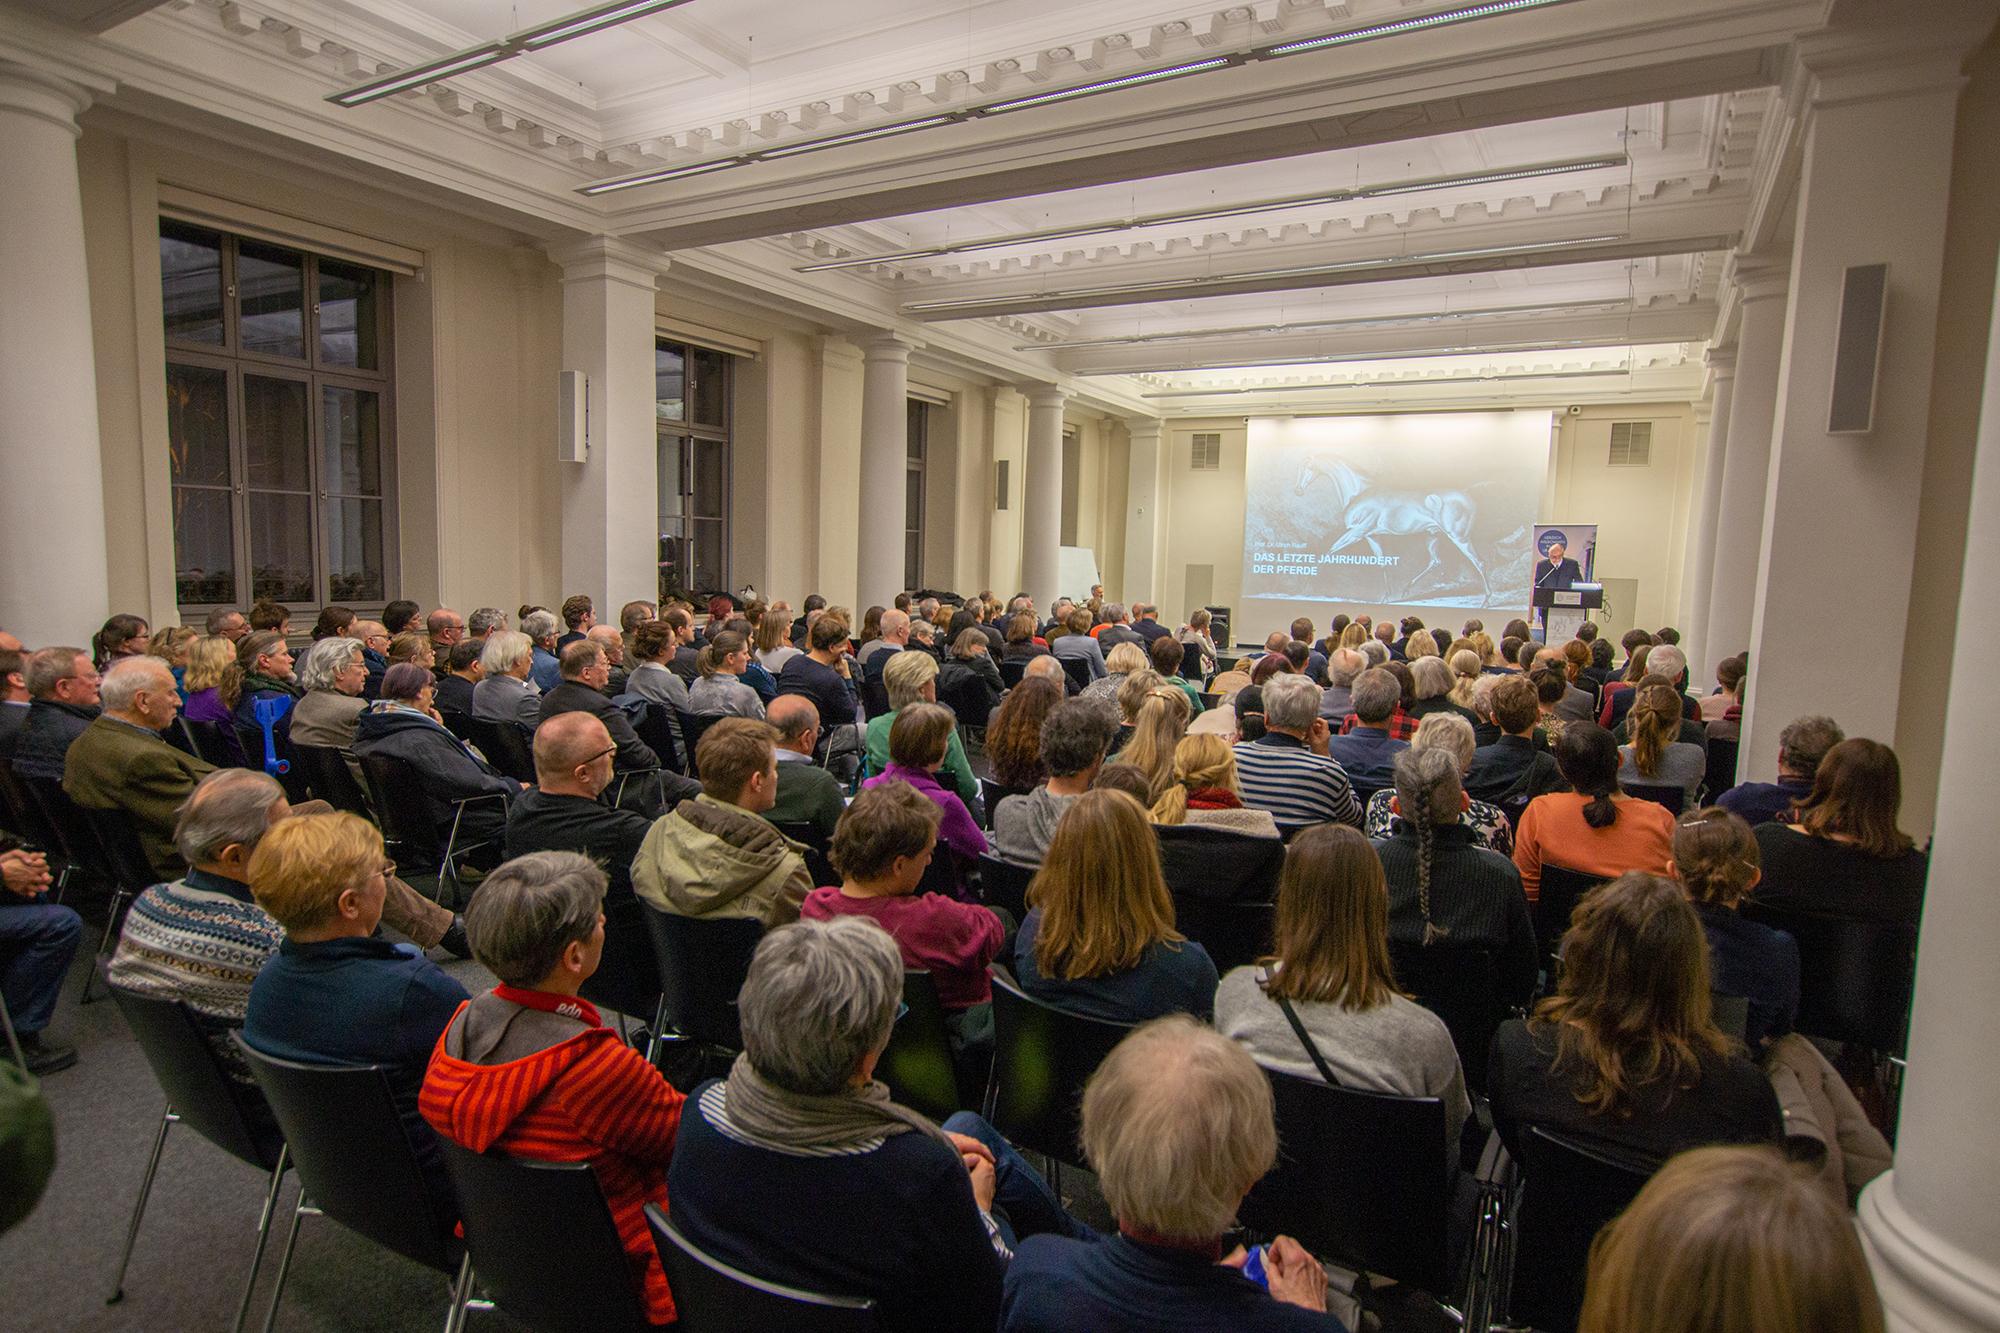 Ein Publikum sitzt im Vortragssaal der Albertina und hört einen Vortrag